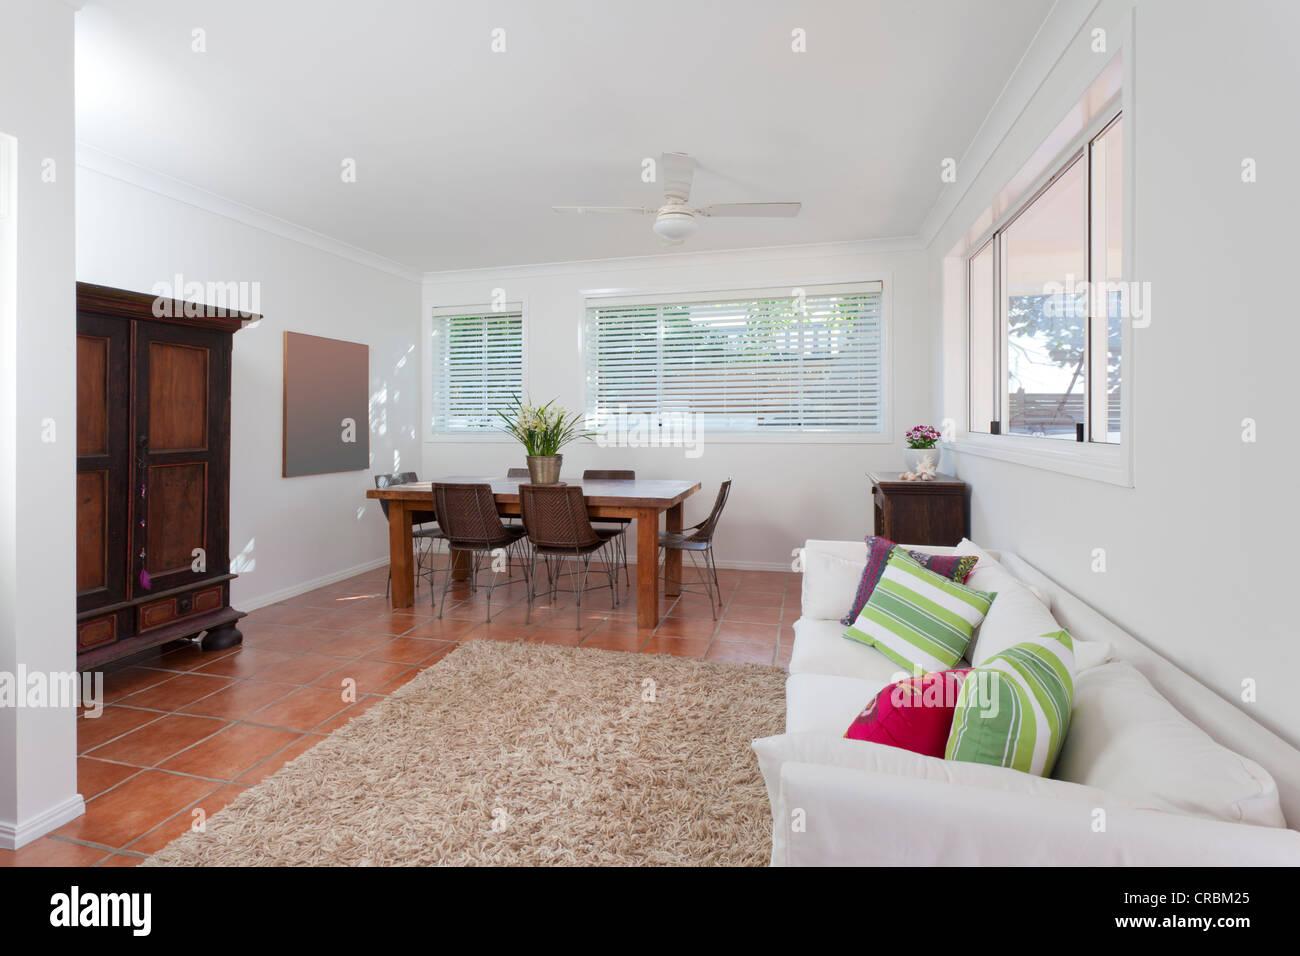 Modernes Wohnzimmer In Australischen Herrenhaus